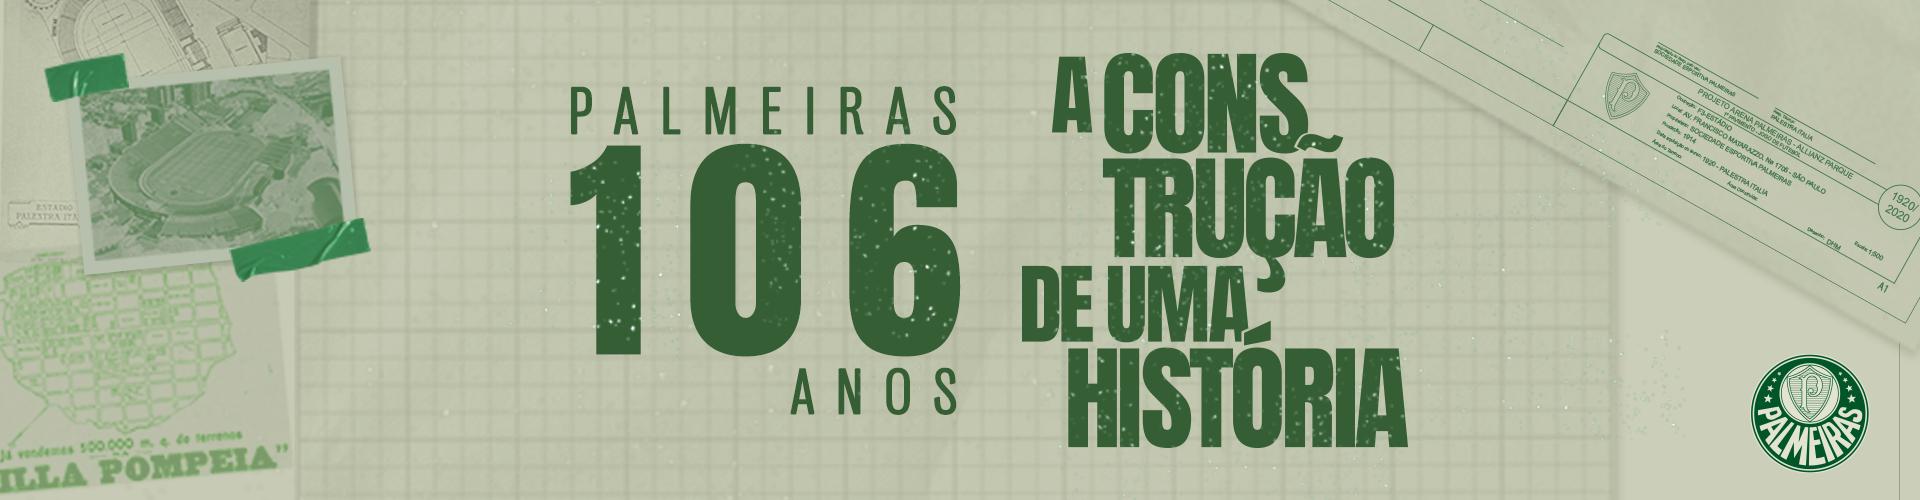 Banner 1.1.1 - Aniversário Palmeiras